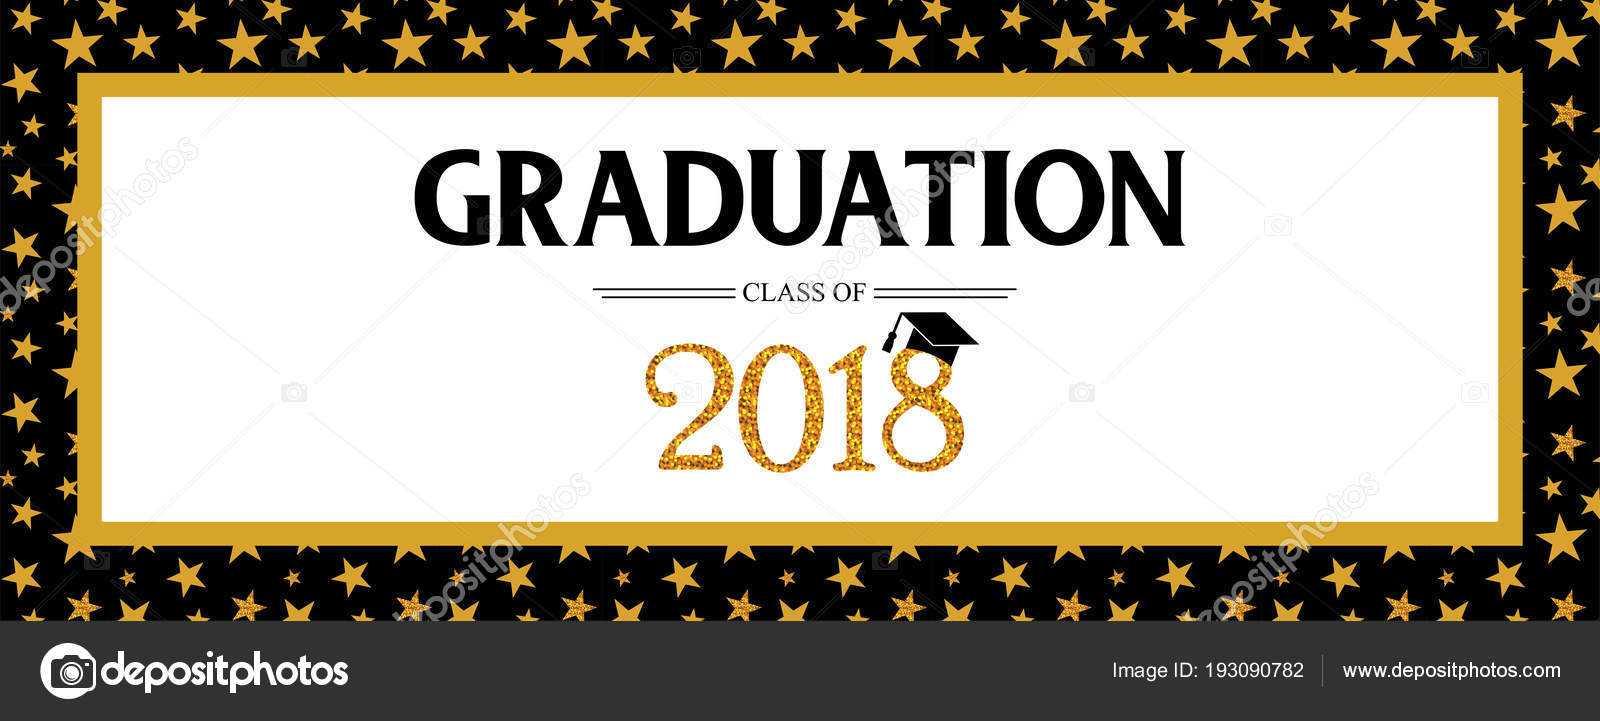 Graduation Banner Template | Graduation Class Of 2018 Regarding Graduation Banner Template